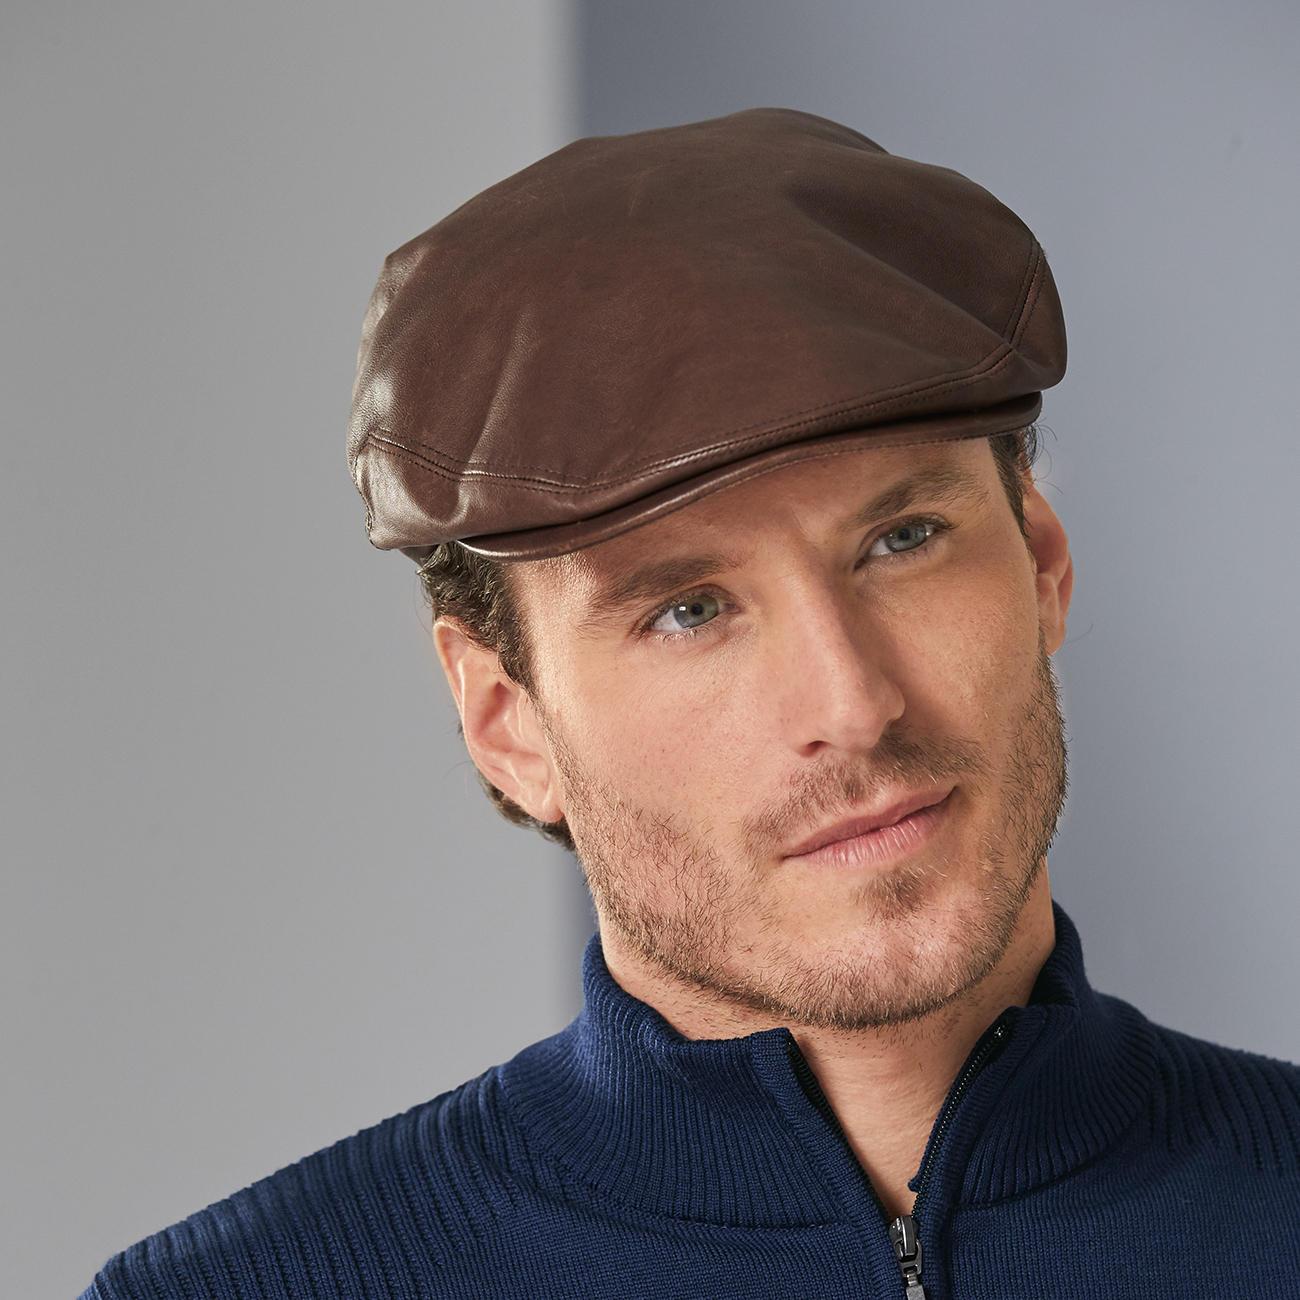 Casquette Beret Homme Fashion